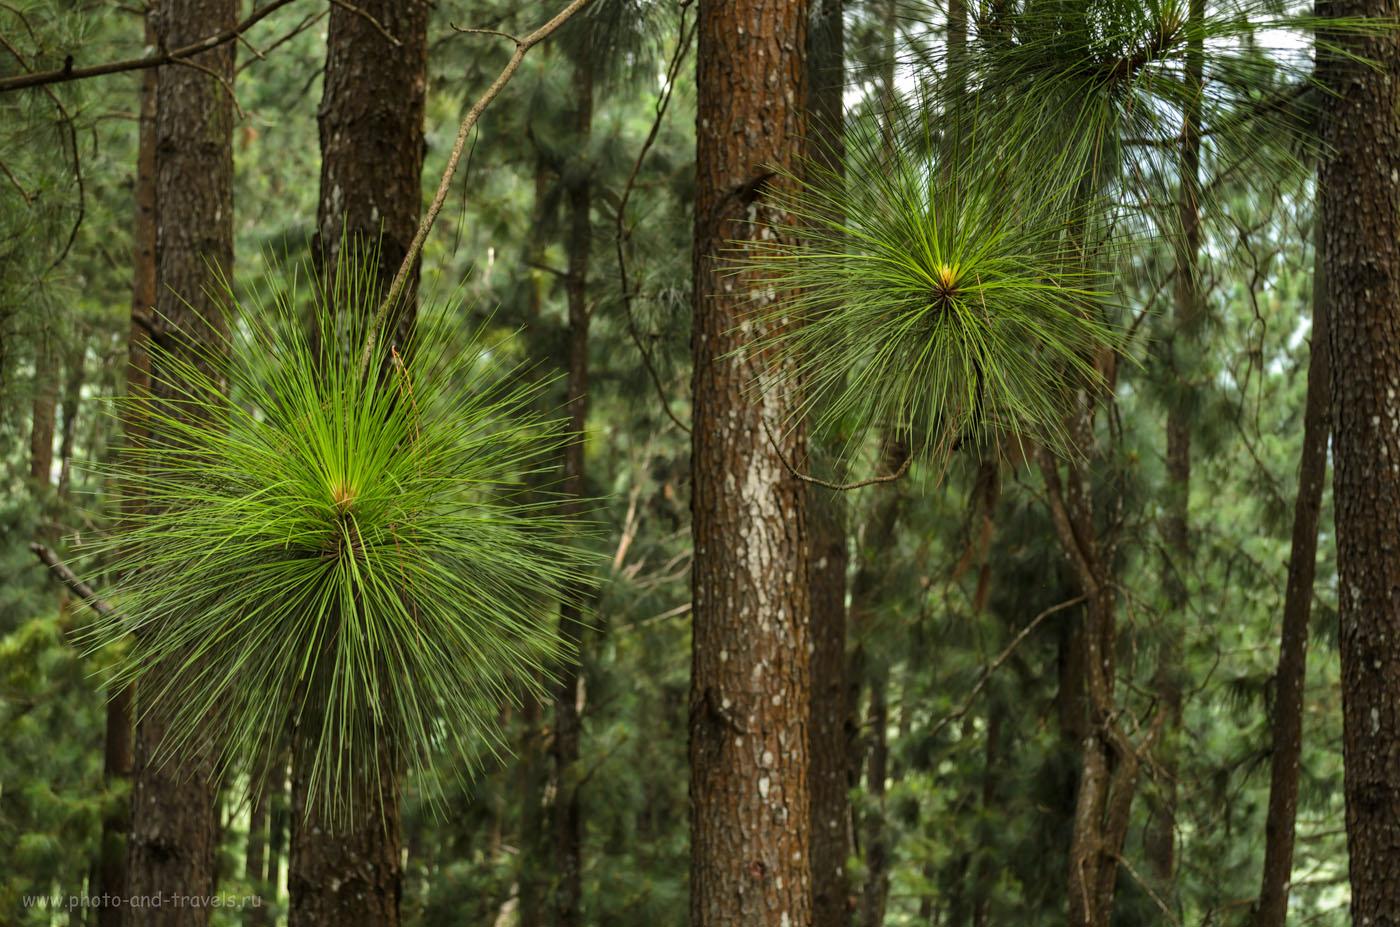 Фото 14. Хвойные лес в горах Шри-Ланке. Мы проезжали через него по дороге из Нувара Элия в Канди. Отчет о самостоятельном туре по стране на автомобиле.